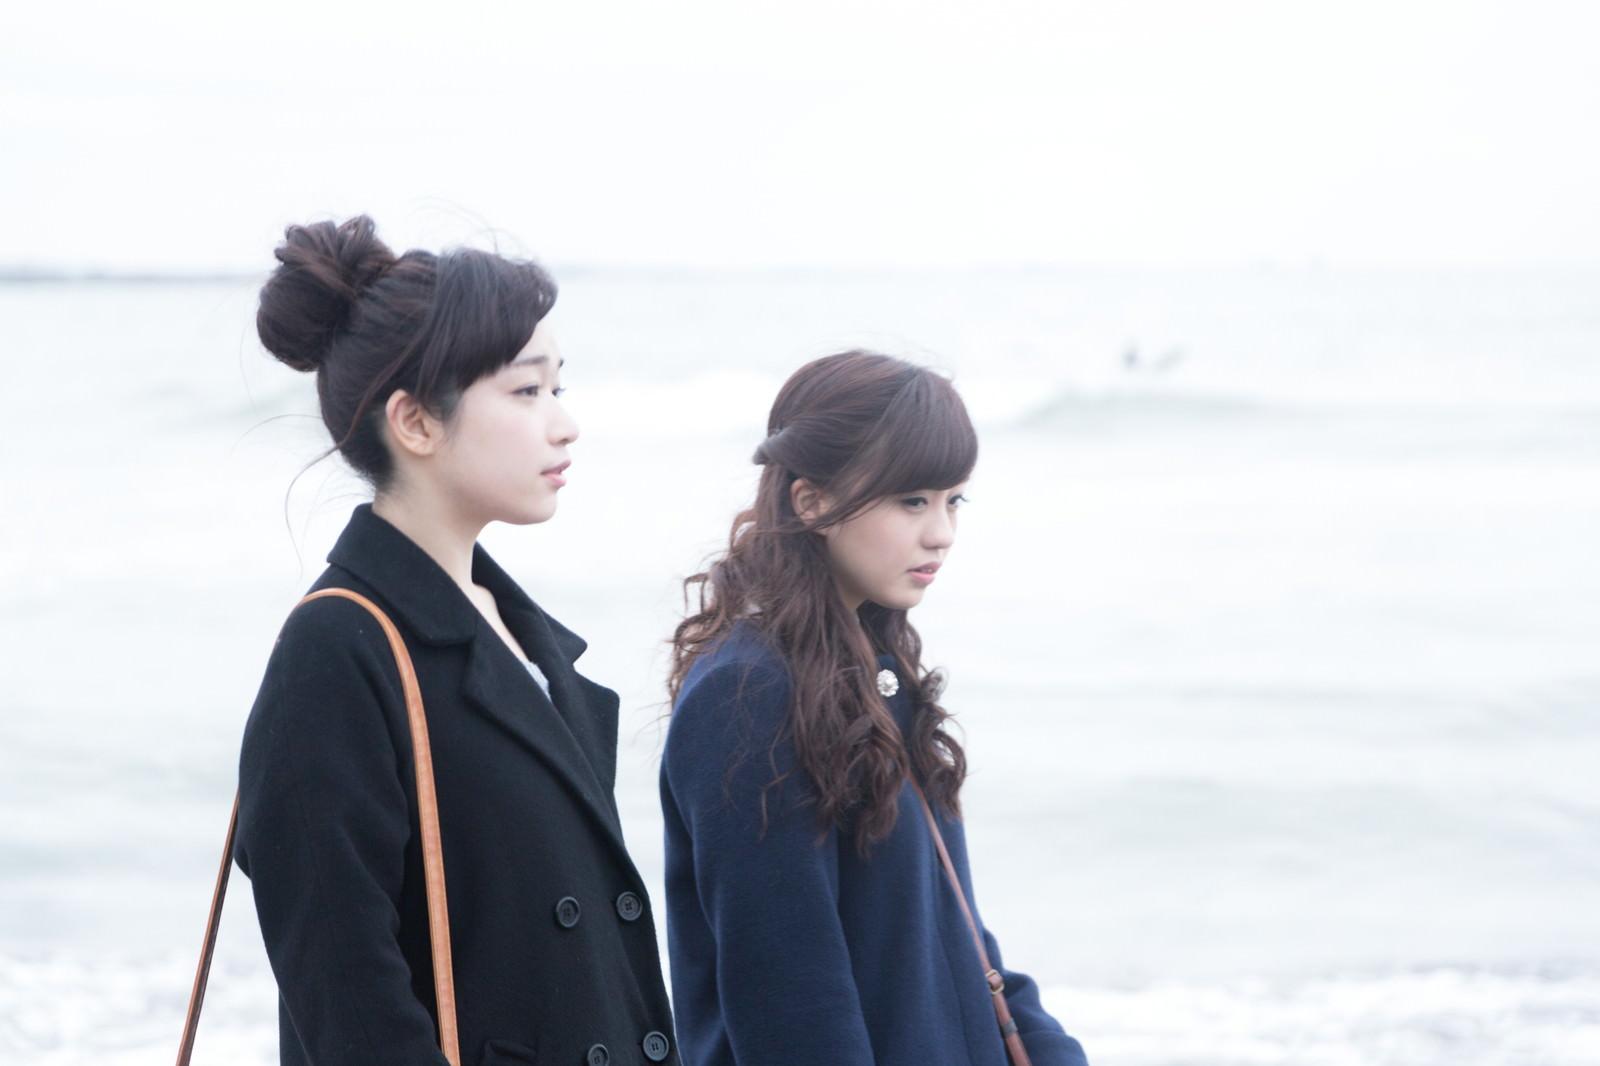 「女性二人で冬の海を歩く」の写真[モデル:河村友歌 渡辺友美子]